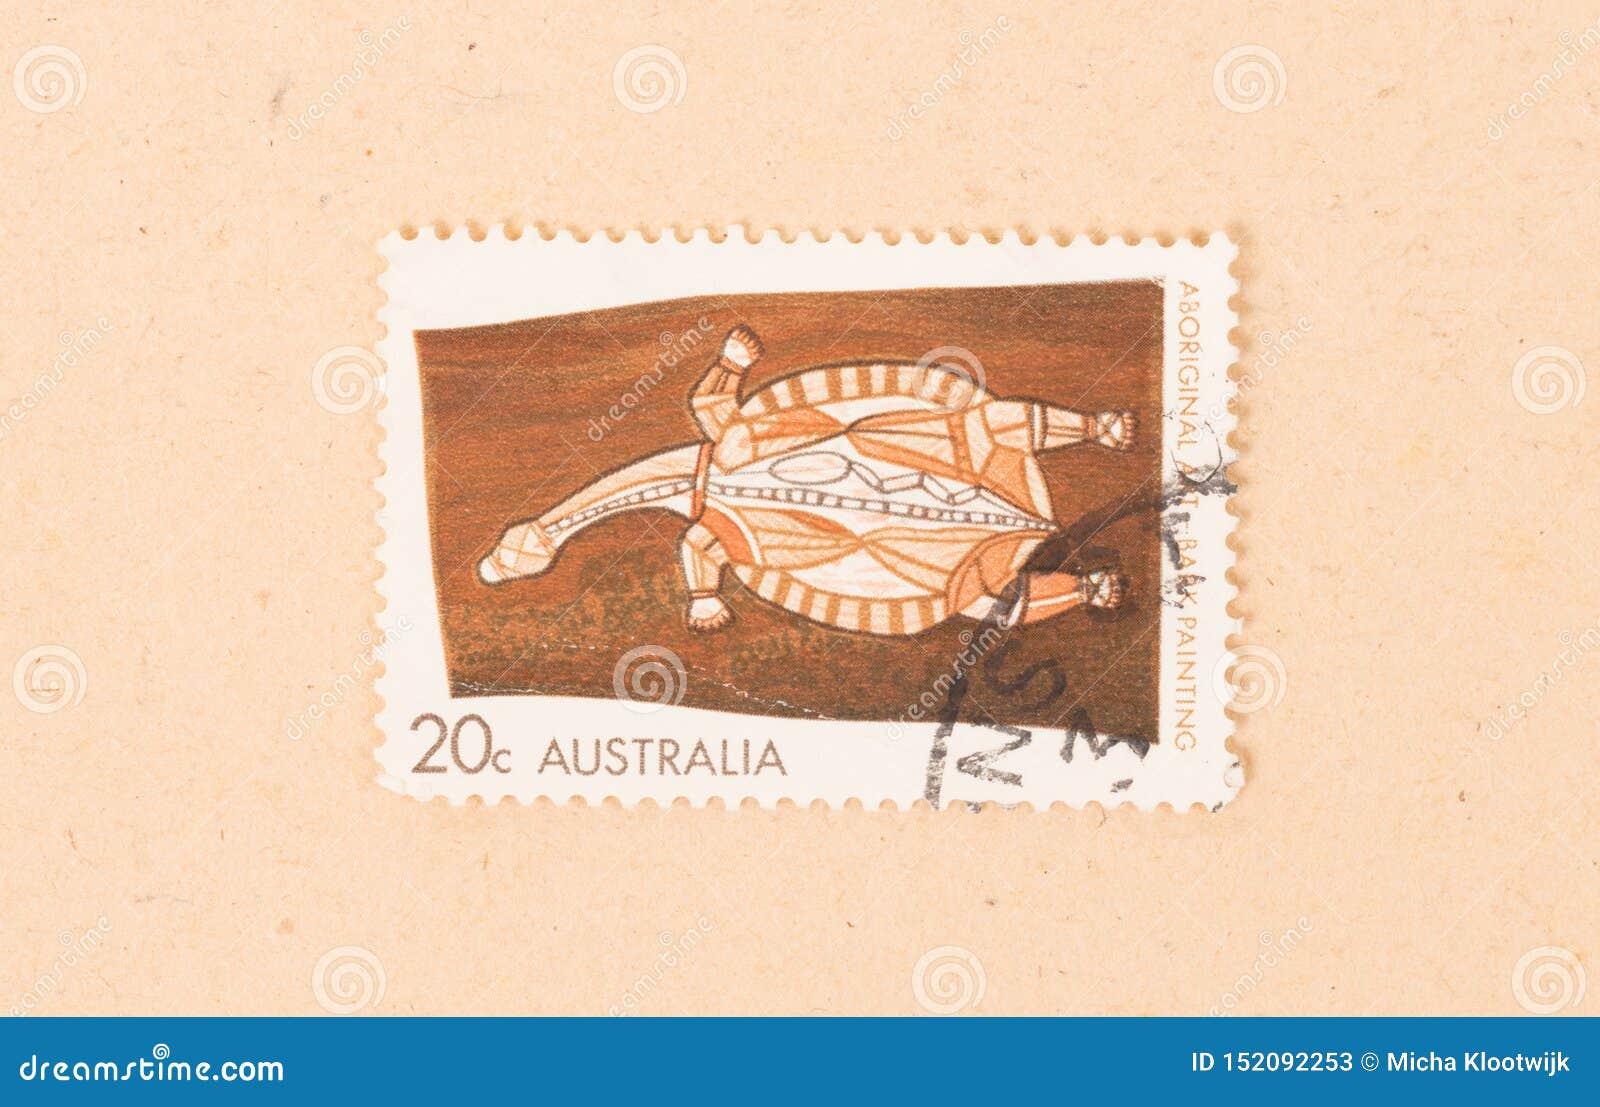 Een zegel in Australië wordt gedrukt toont het oude inheemse schilderen, circa 1980 die